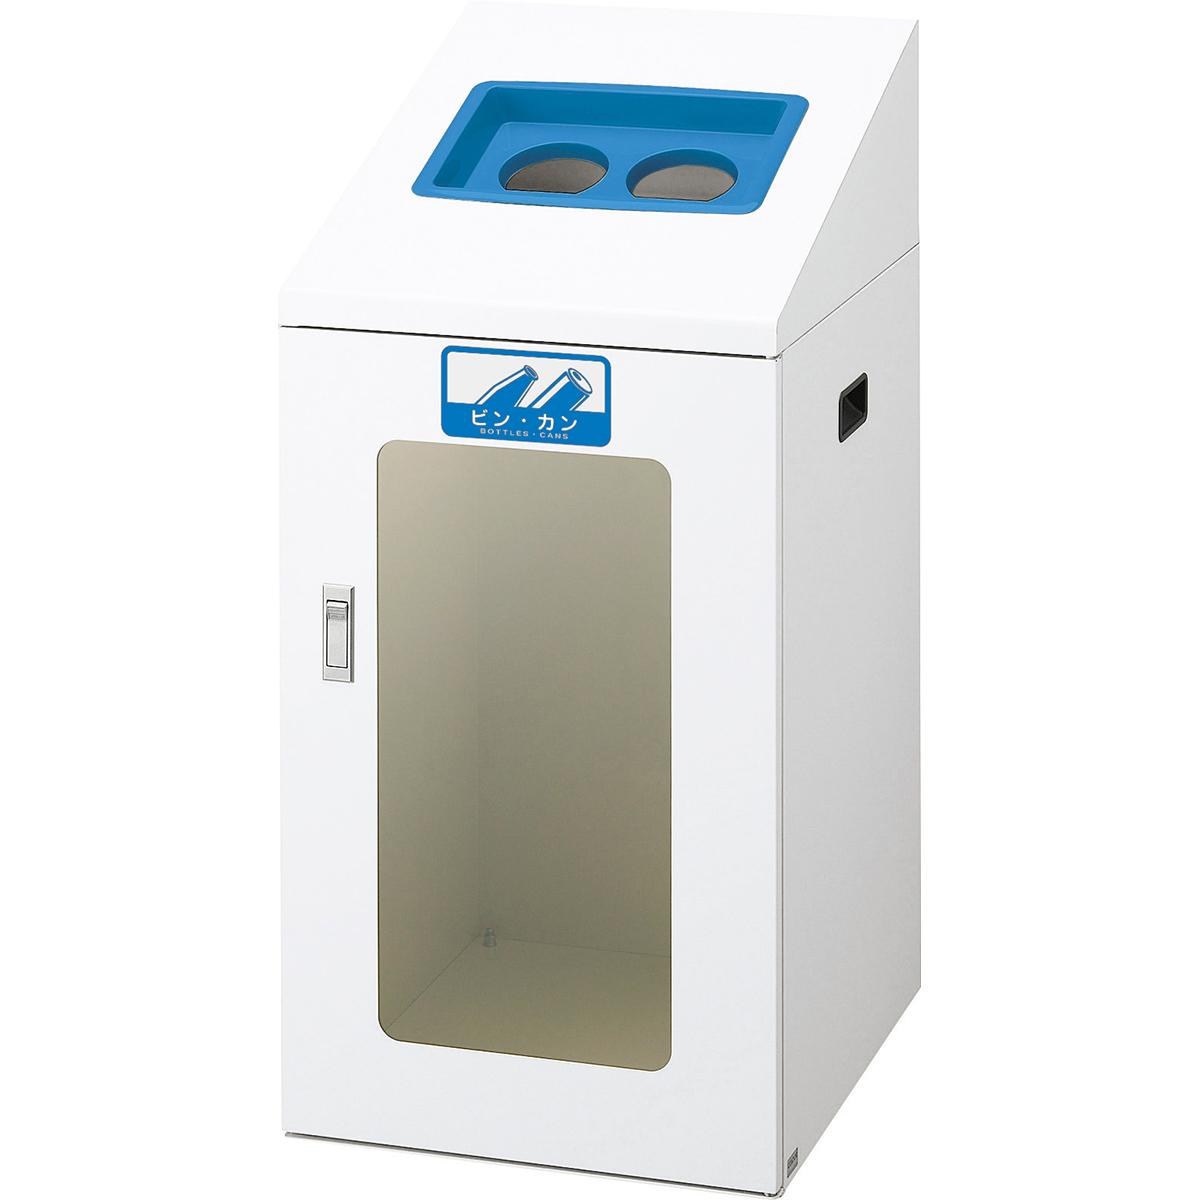 山崎産業 リサイクルボックス TIS-90 120L ビン・カン/BL(青) (代引不可) YW-367L-ID